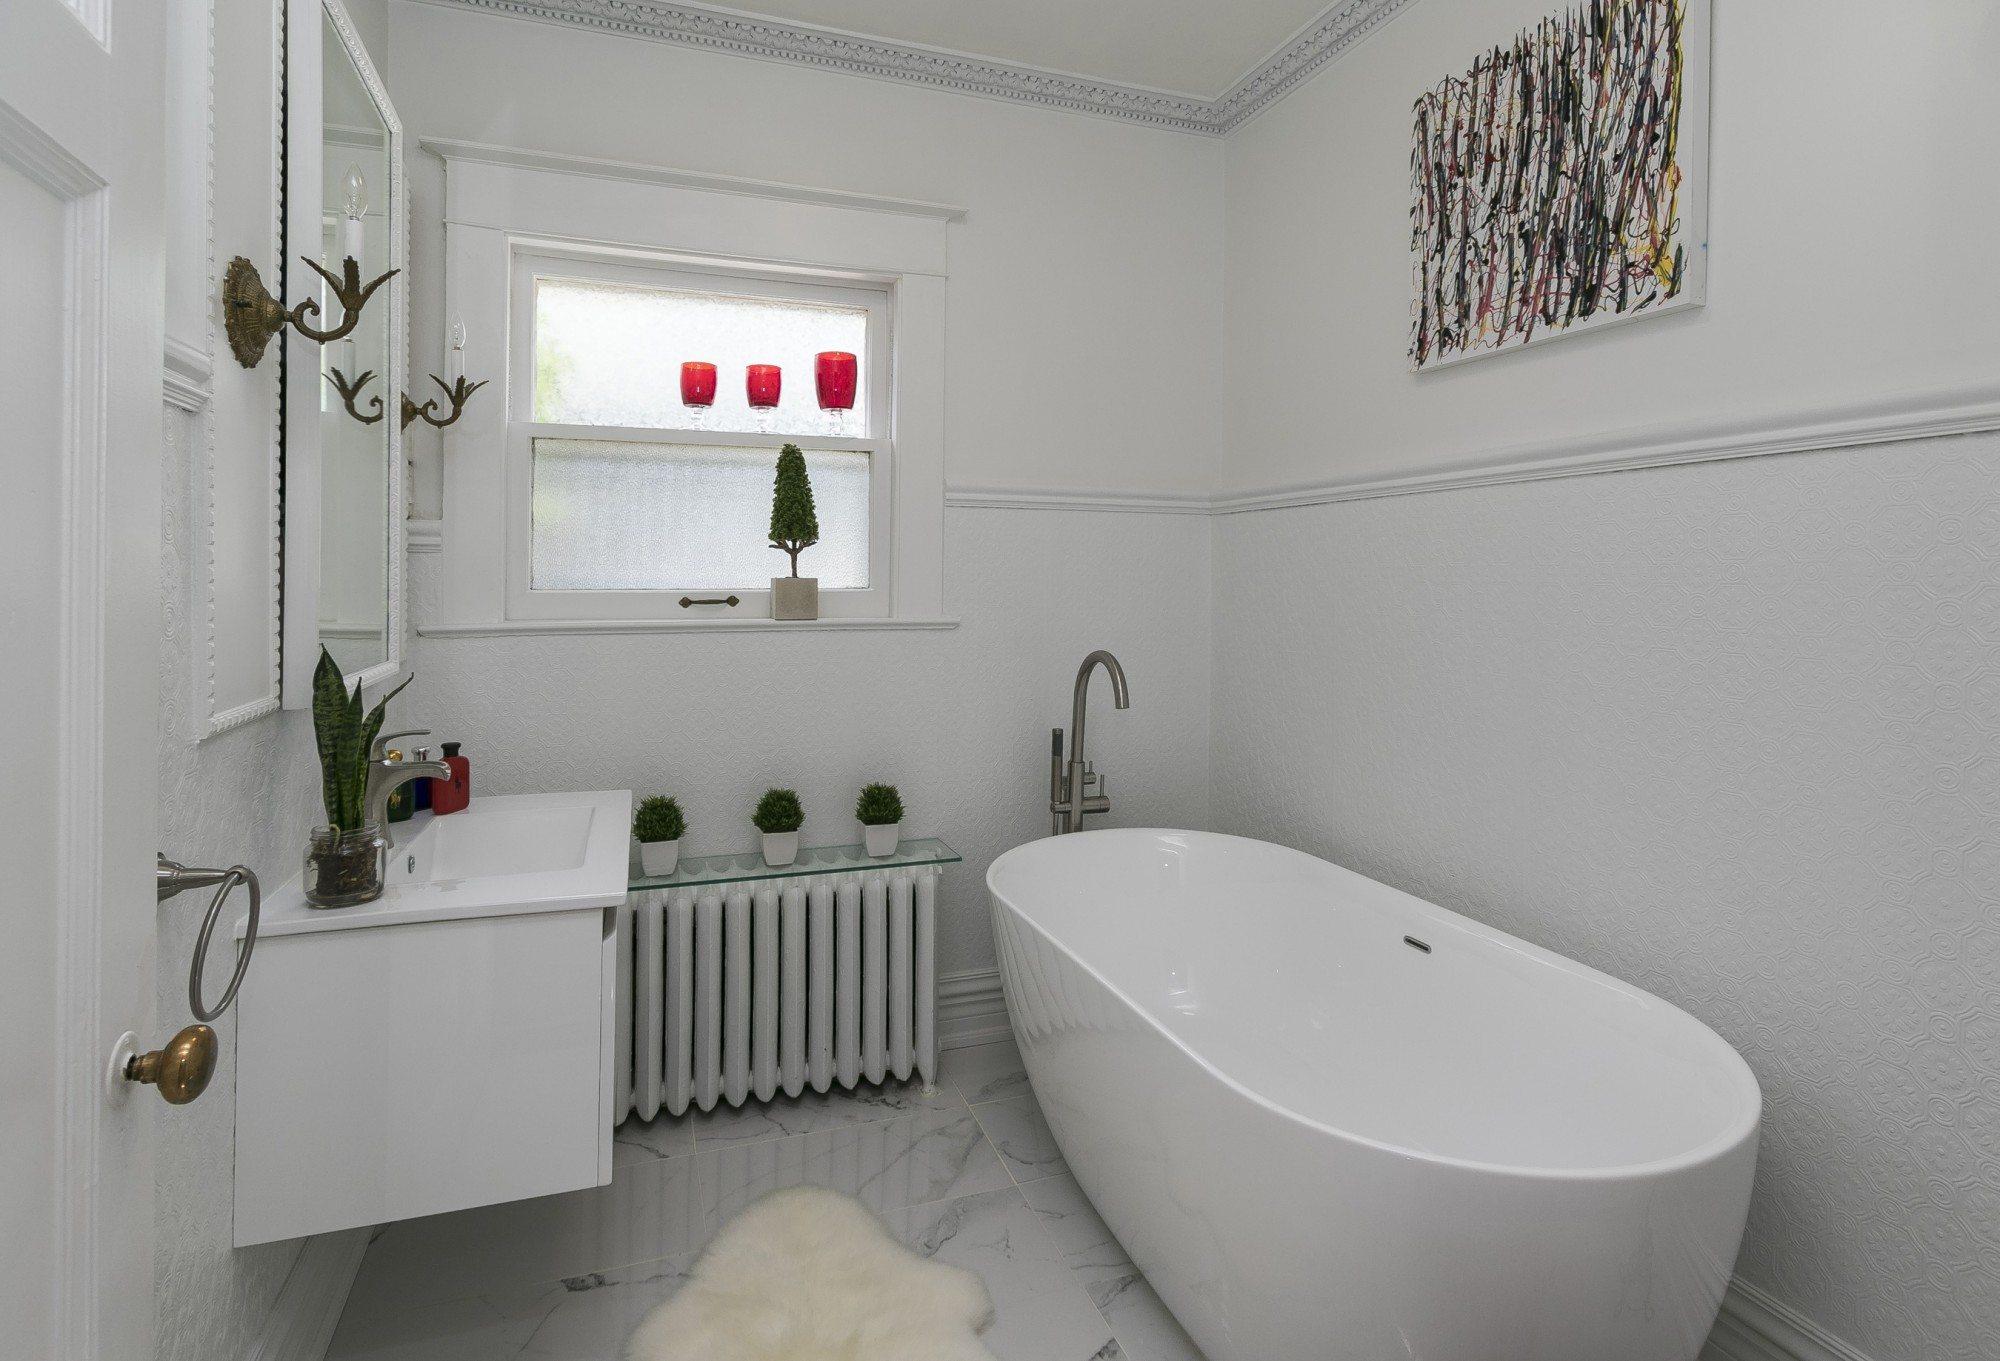 toronto-house-for-sale-15-glenholme-avenue-11